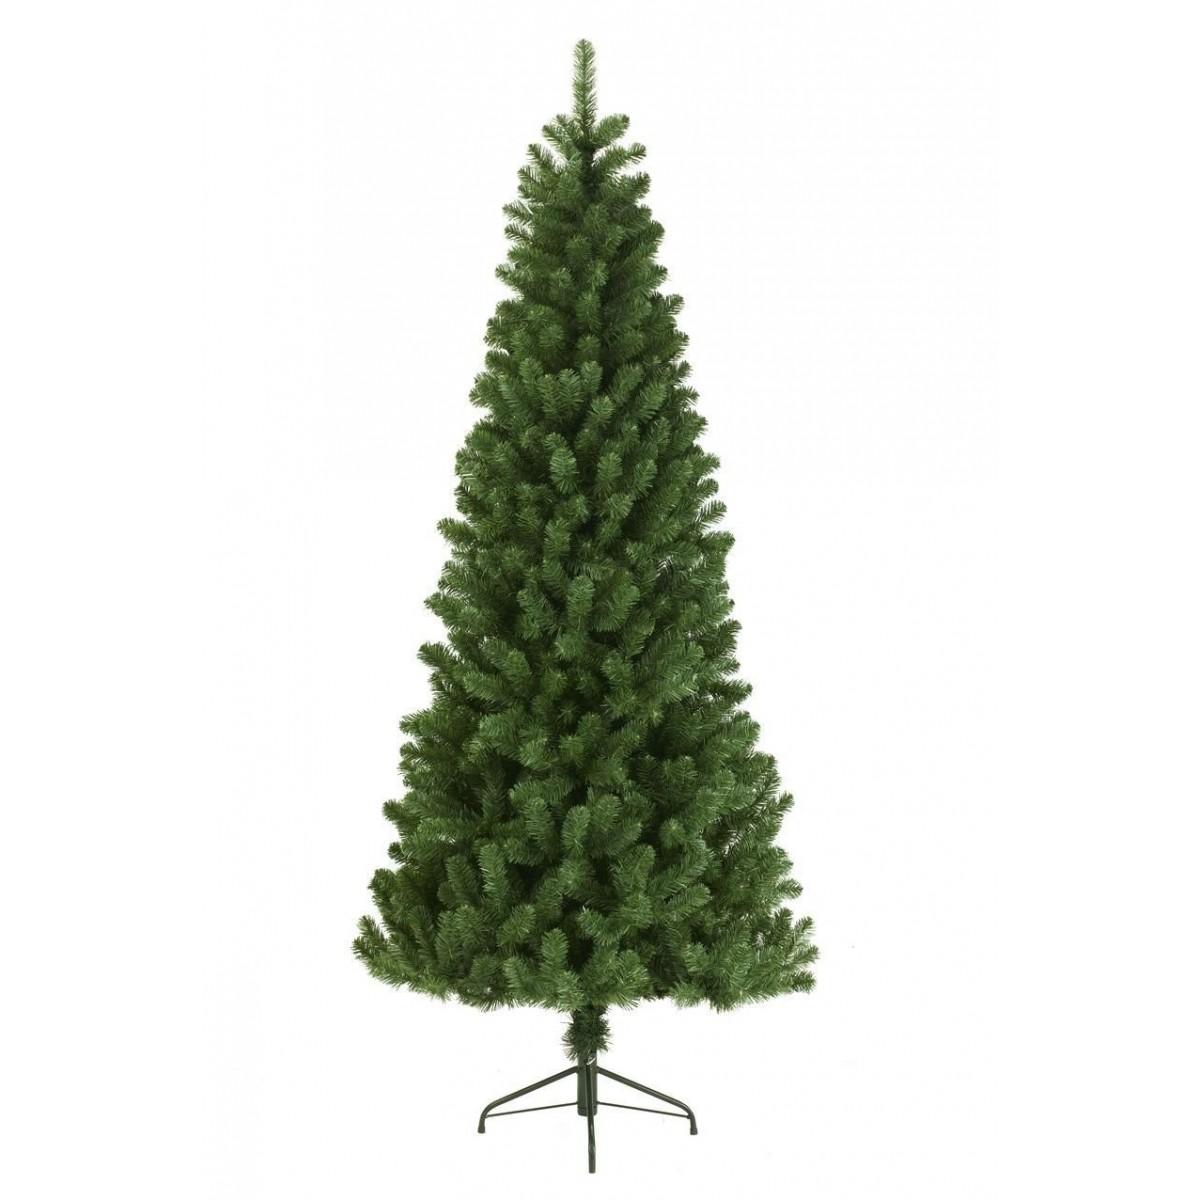 210cm/7ft Slim Newfoundland Pine Artificial Christmas Tree